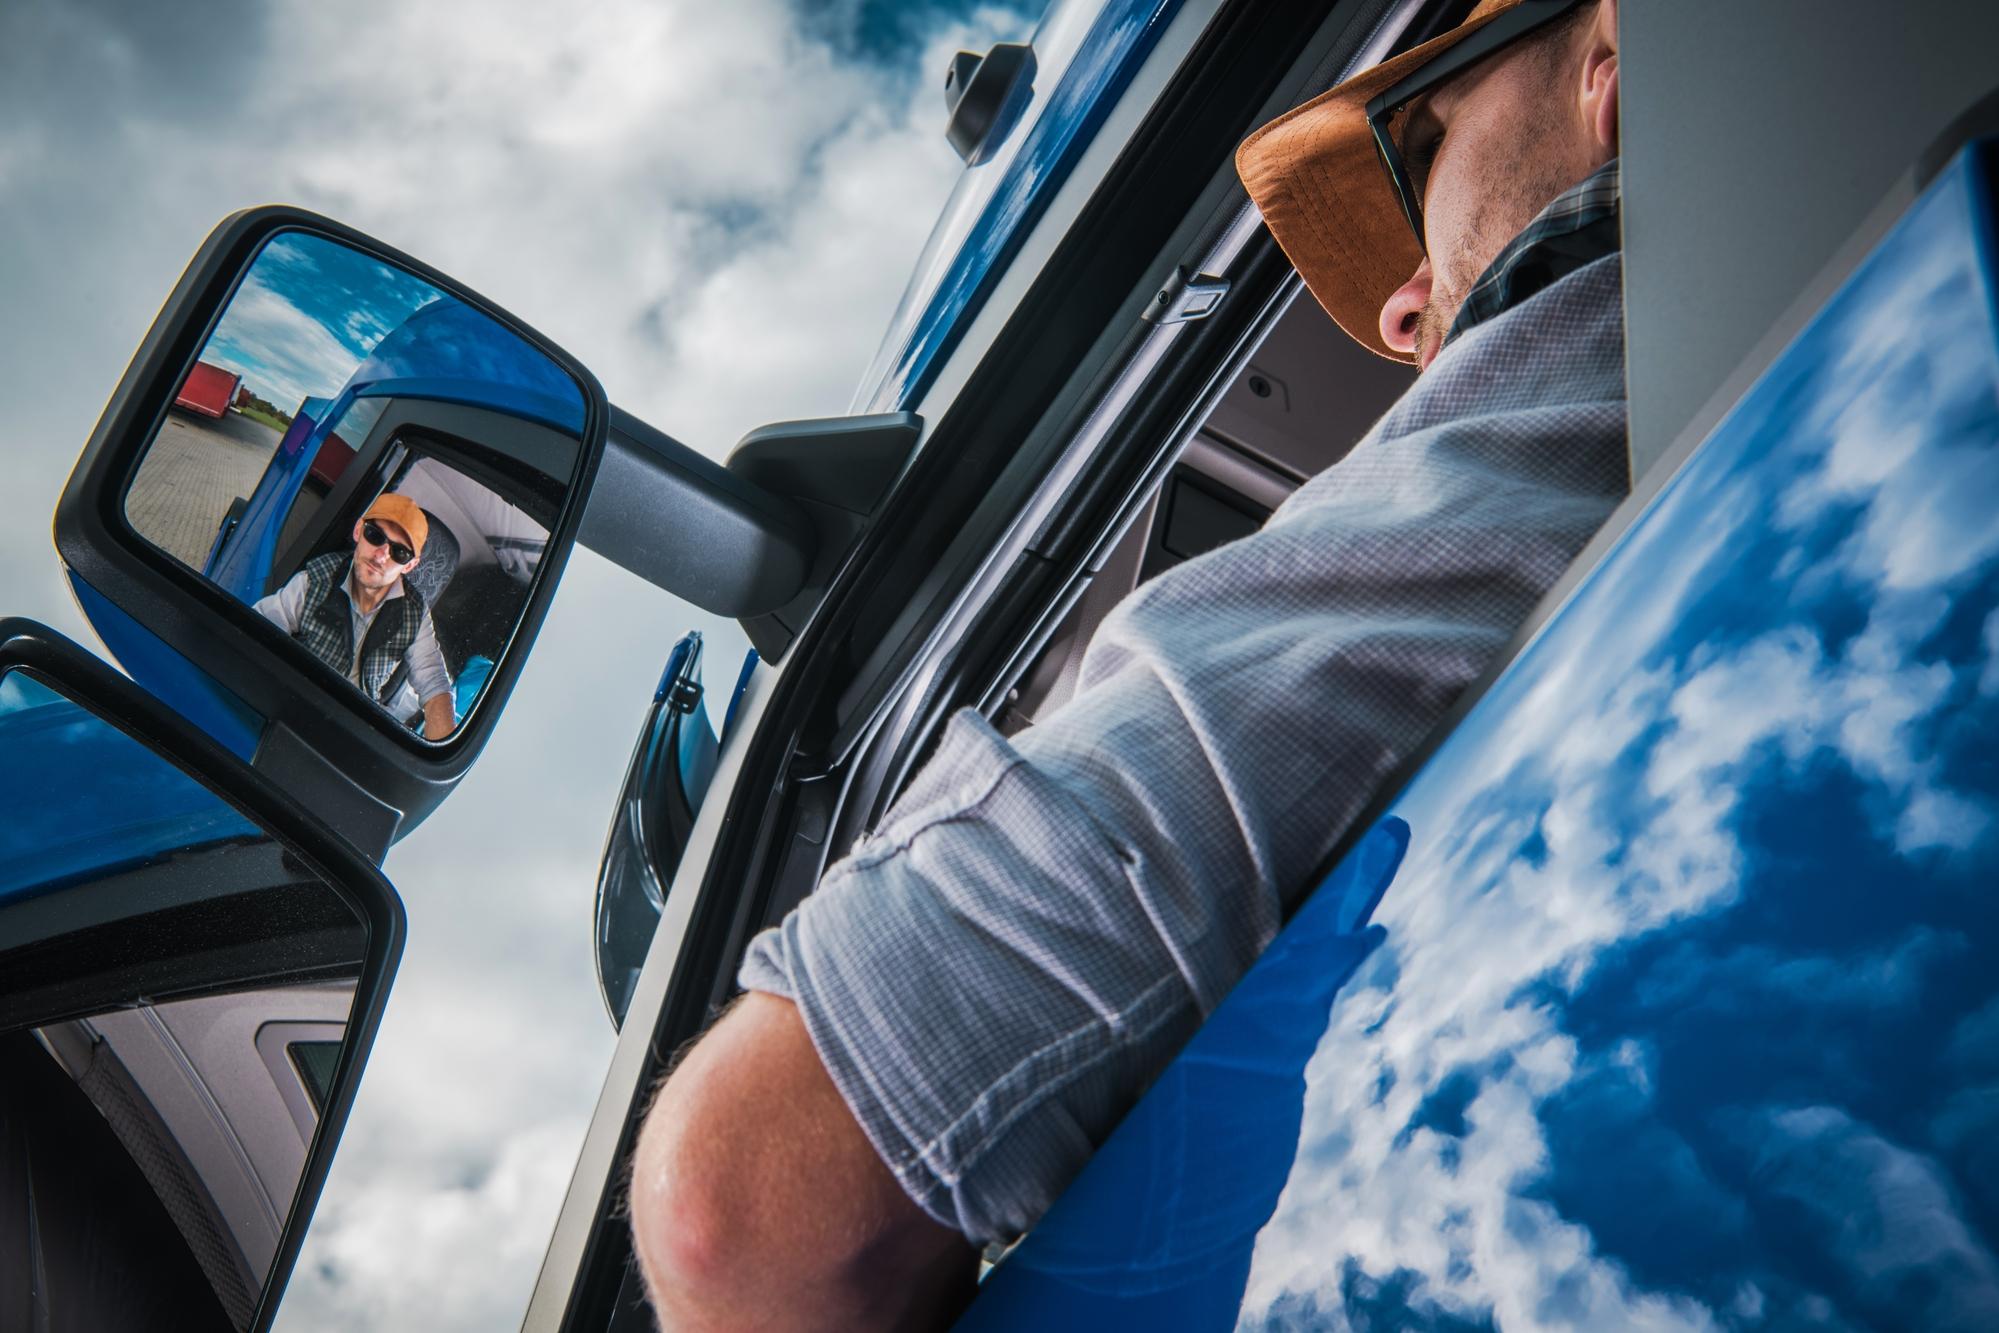 Trucker looks in the side mirror